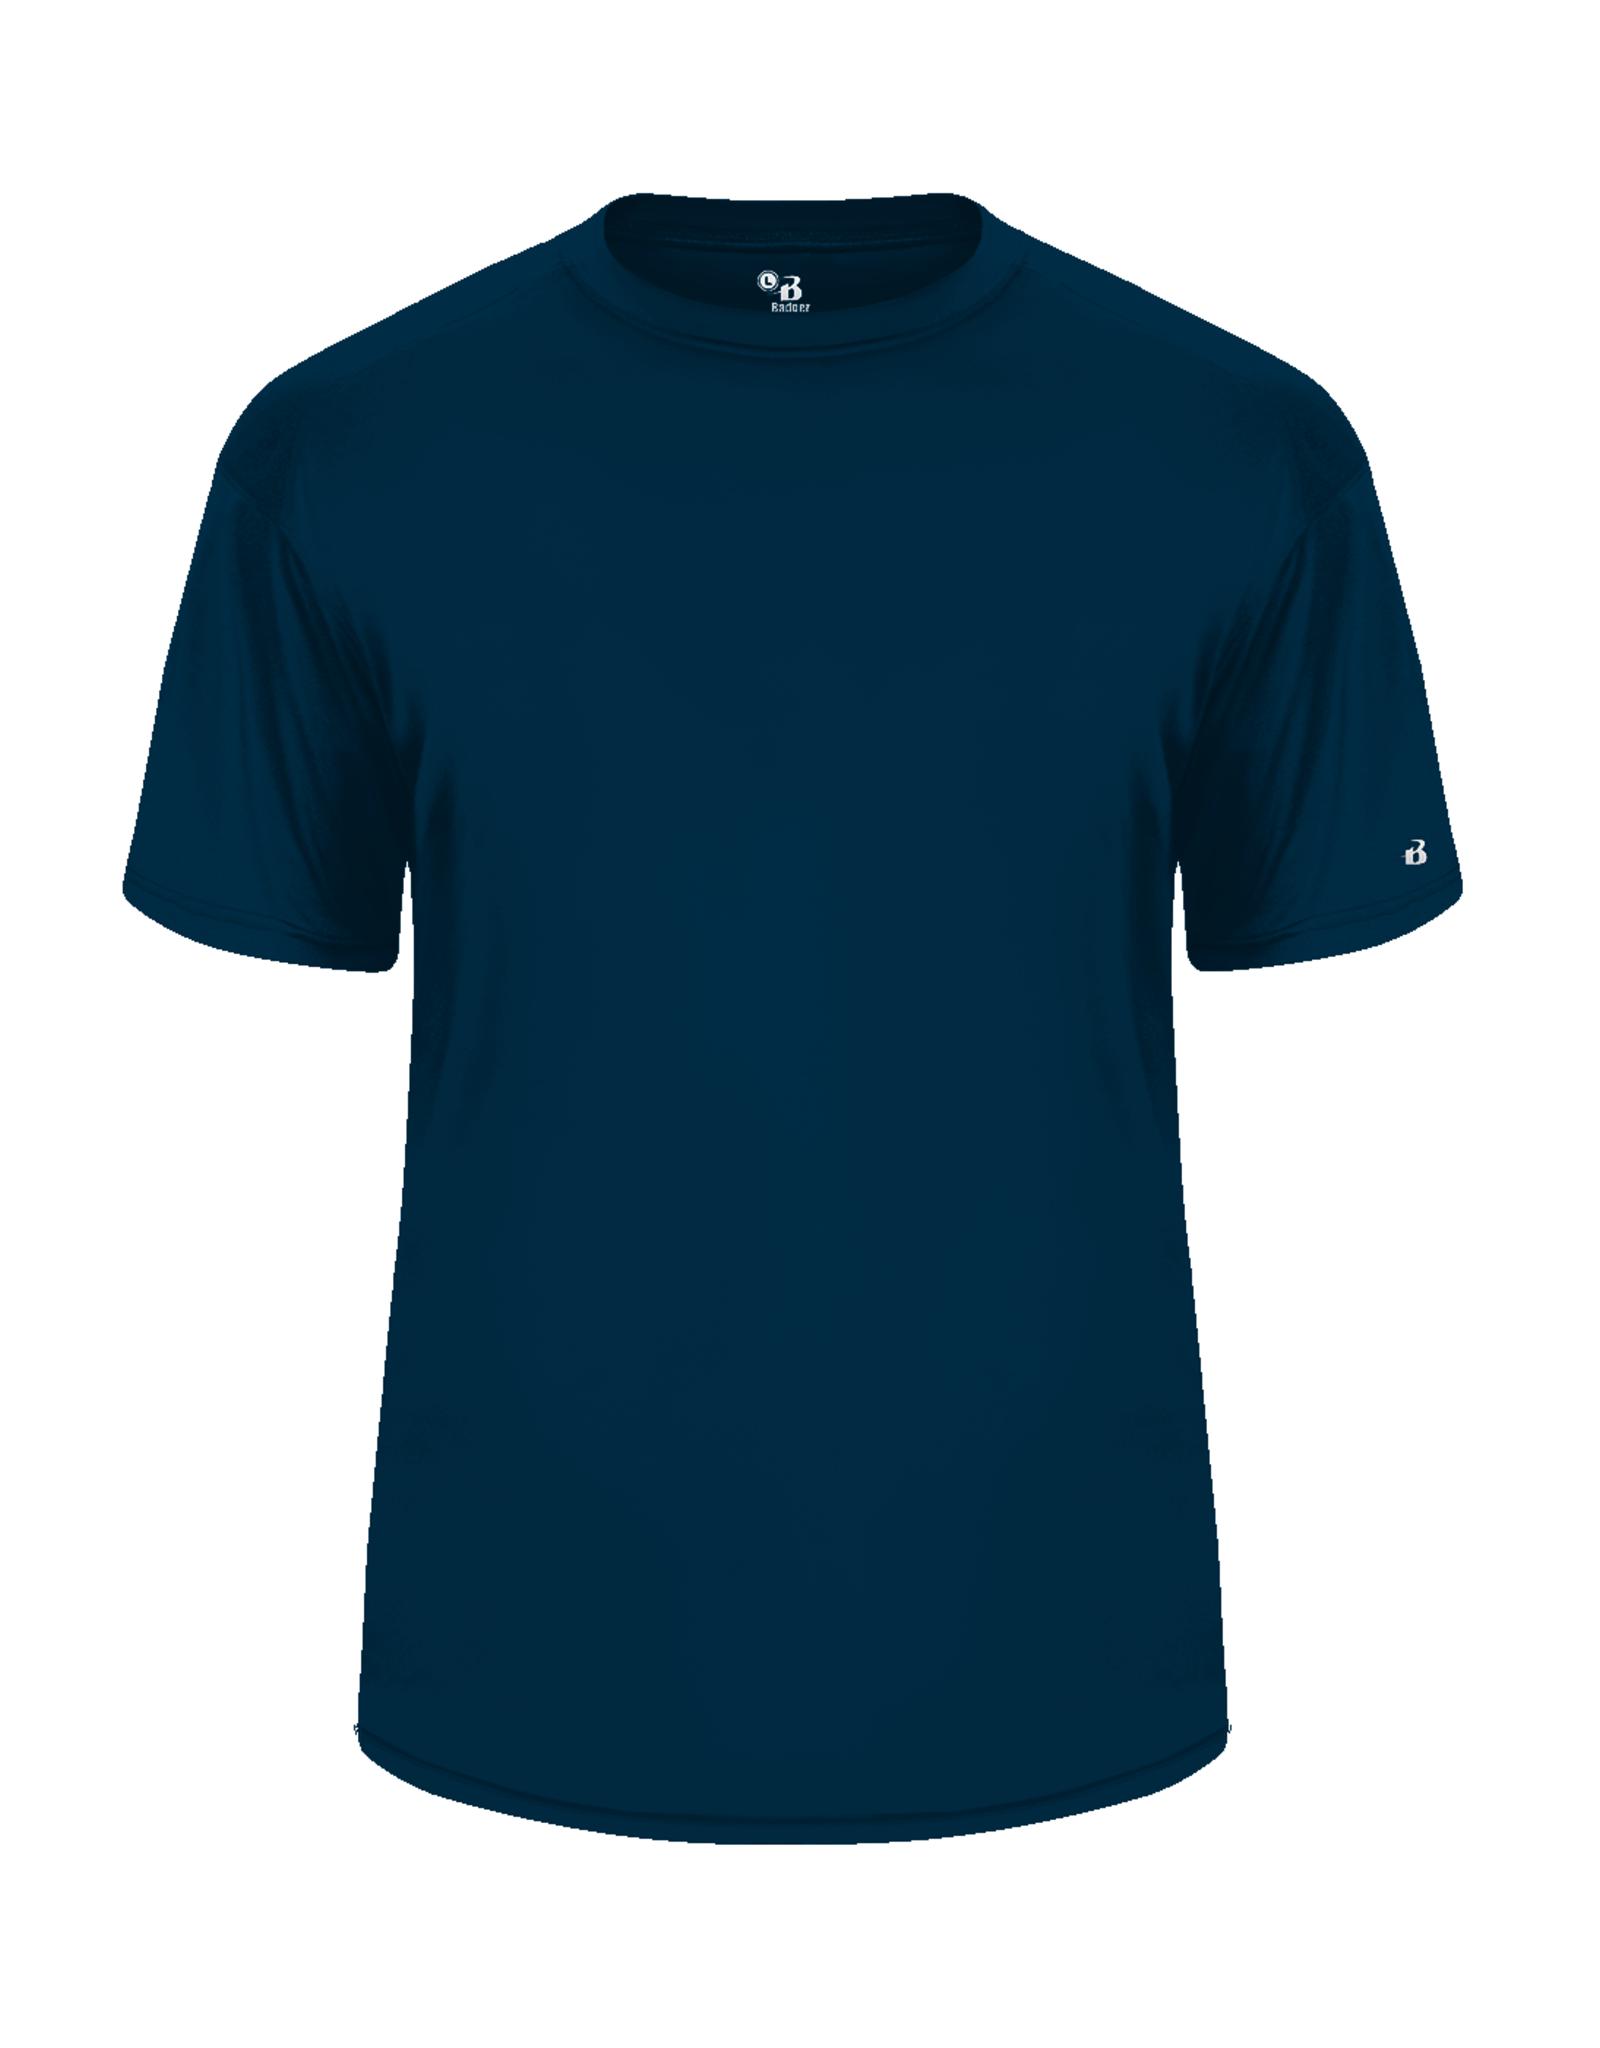 Badger P.E. Shirts / BOYS